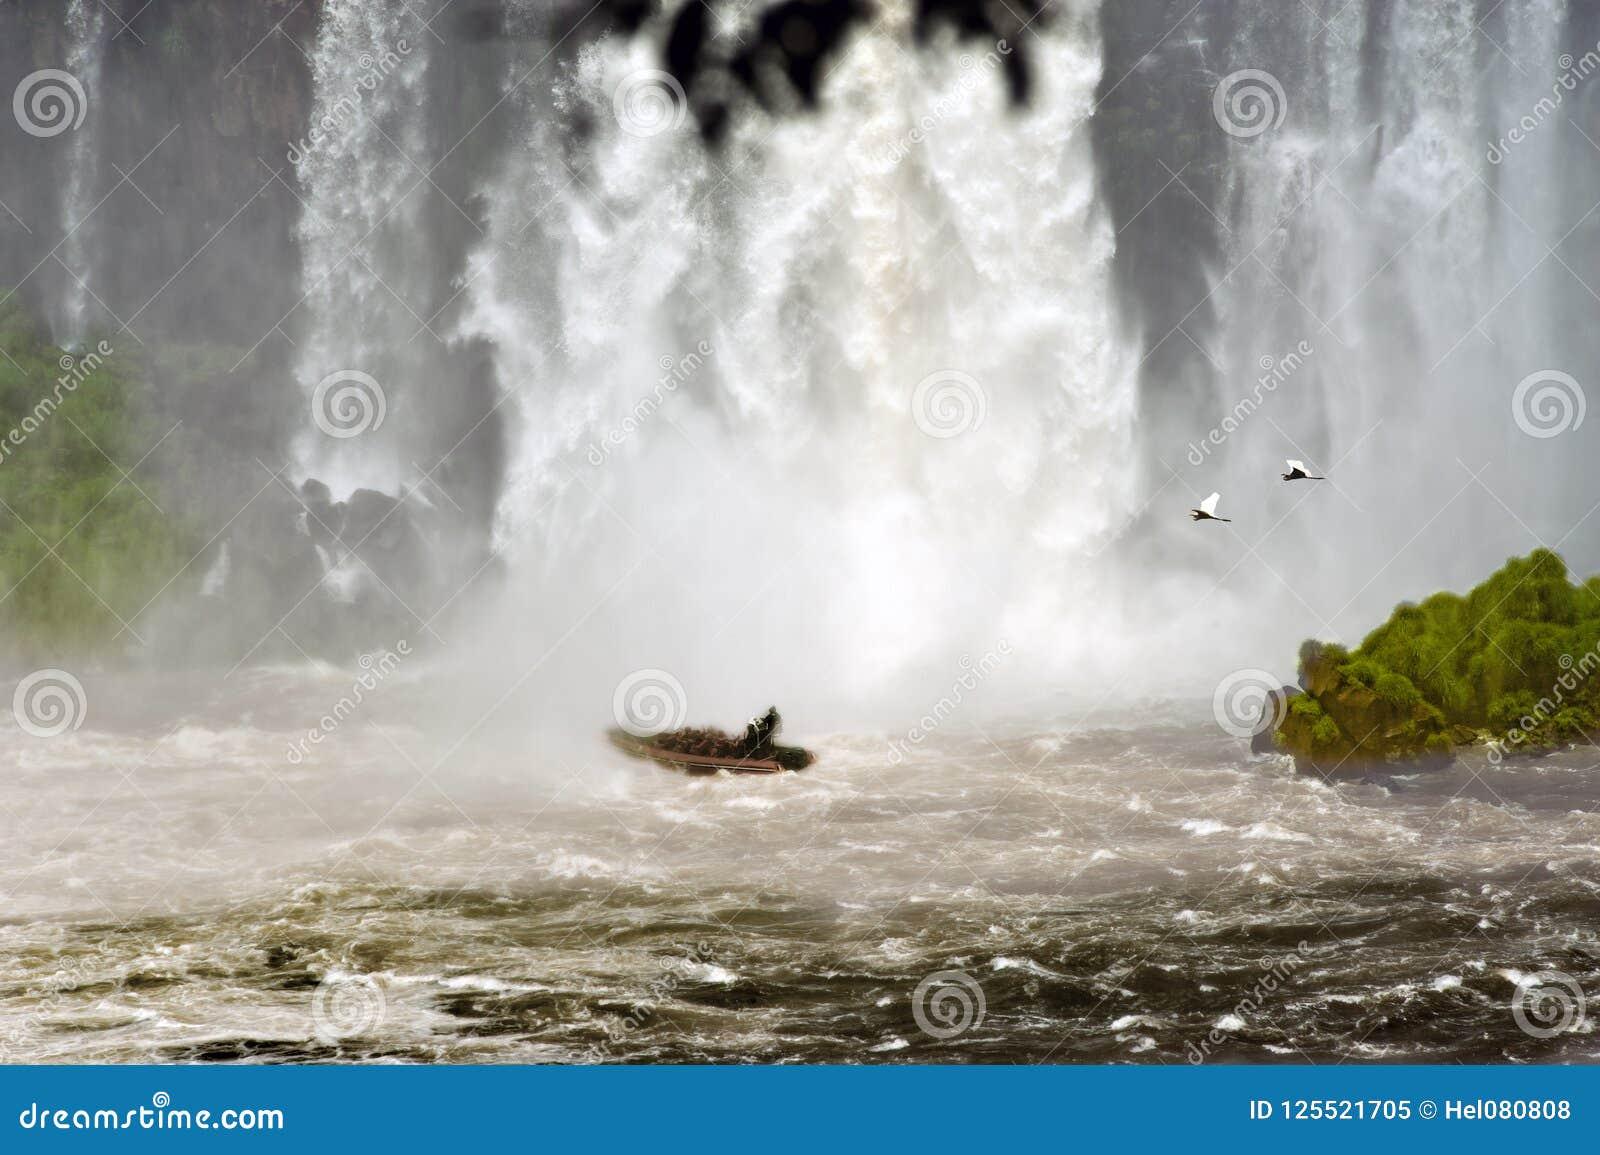 Voyage de bateau aux chutes d Iguaçu, visite au rideau en eau des cascades d Iguazu